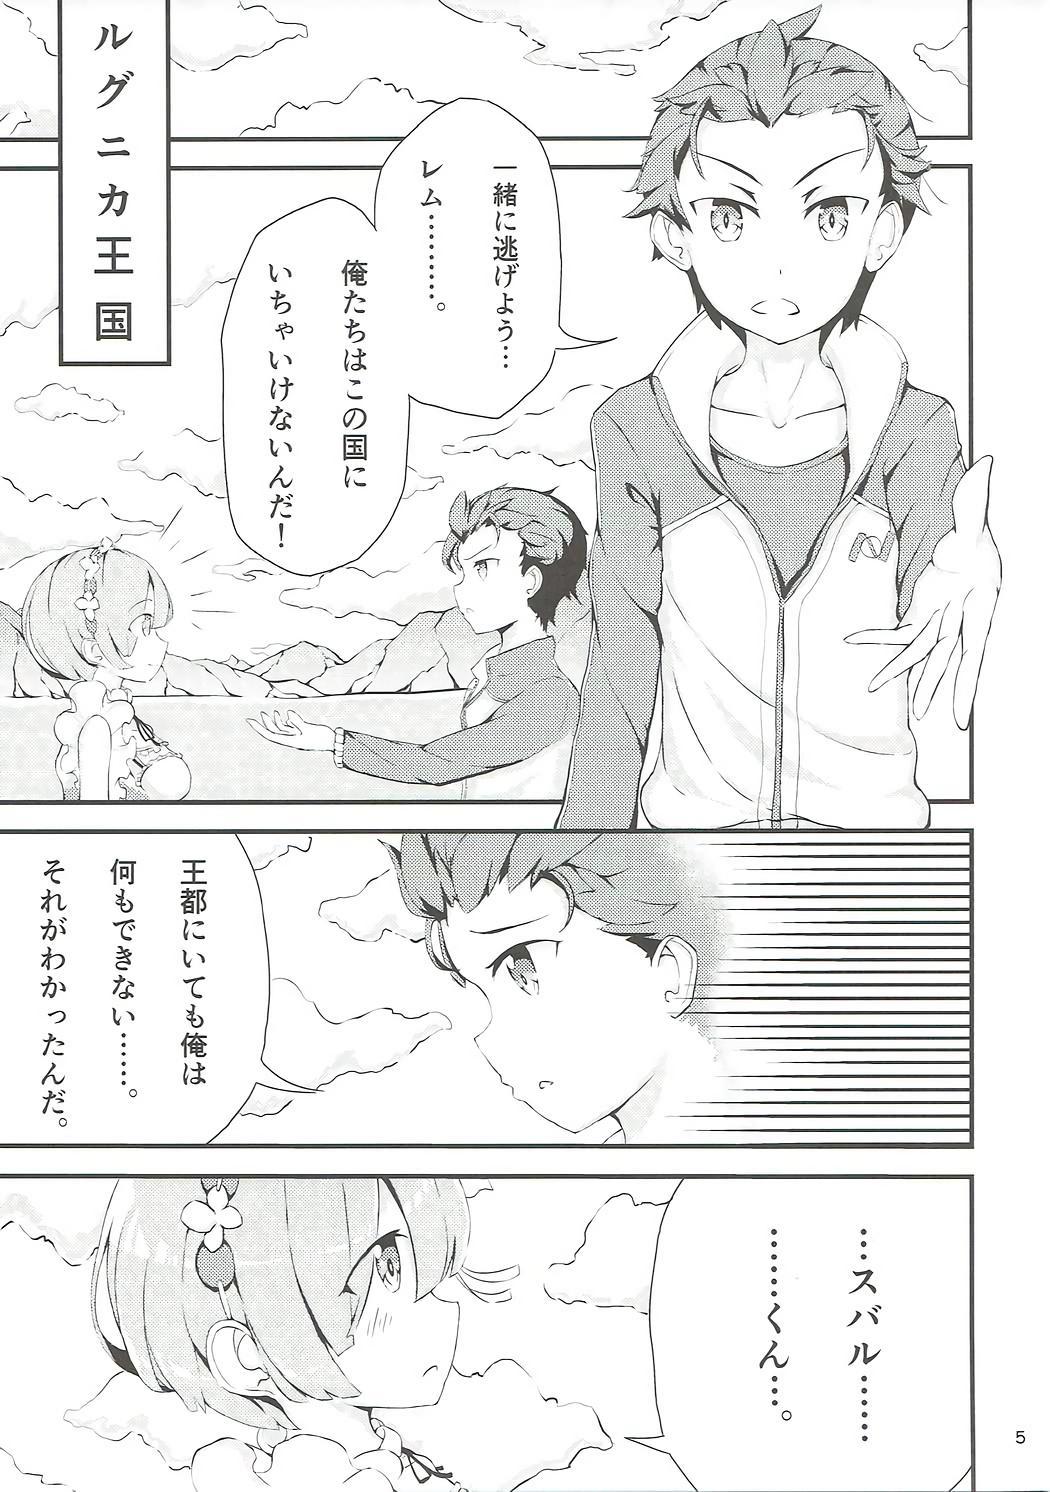 Re:Rem to Hajimeru Dousei Seikatsu 3